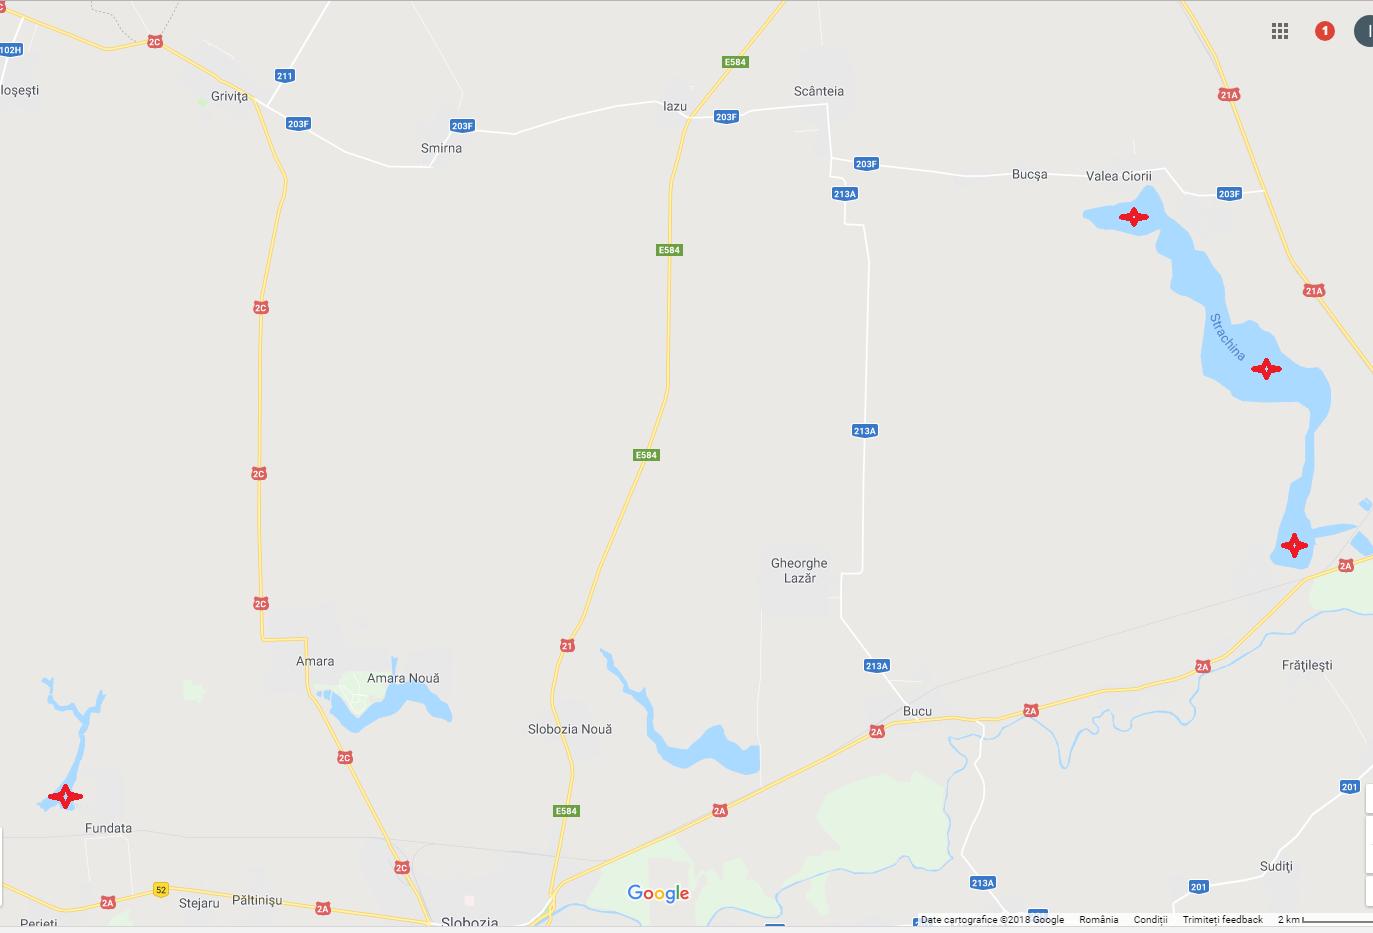 Vendita terreno agricolo slobozia ialomi a romania - Agenzie immobiliari bucarest ...